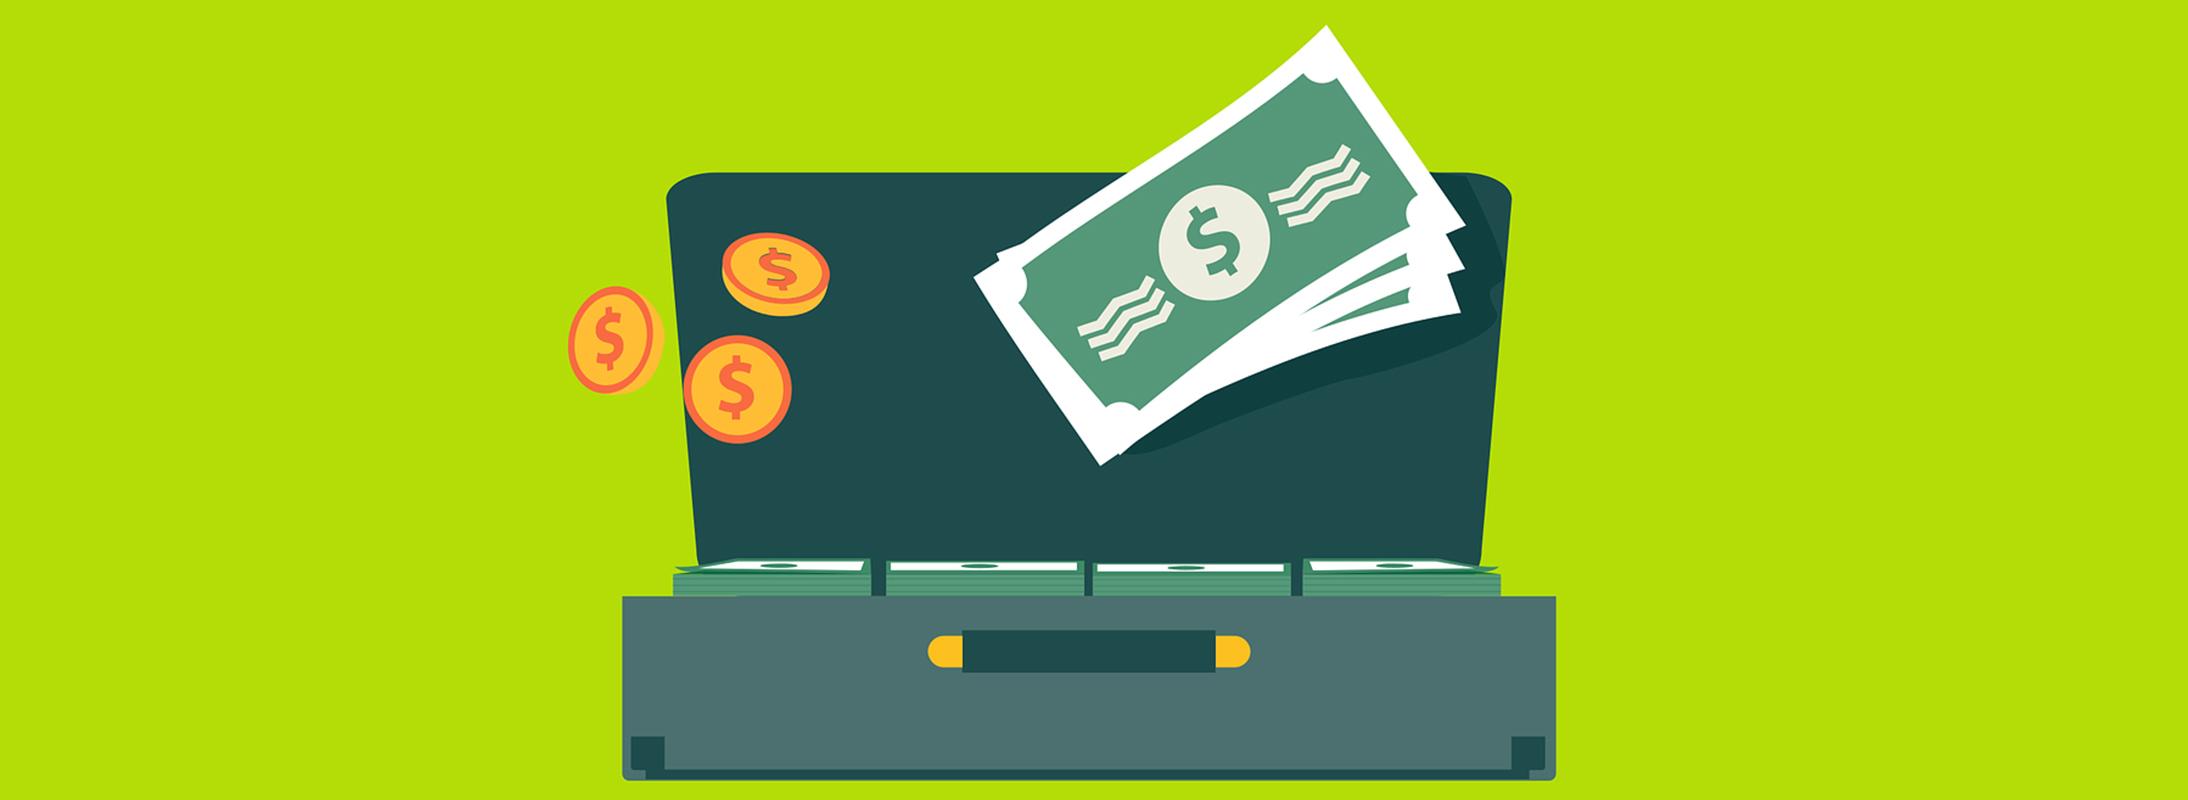 Er det en god ide at tage imod en velkomstbonus på et online casino element01 - CasinoTop